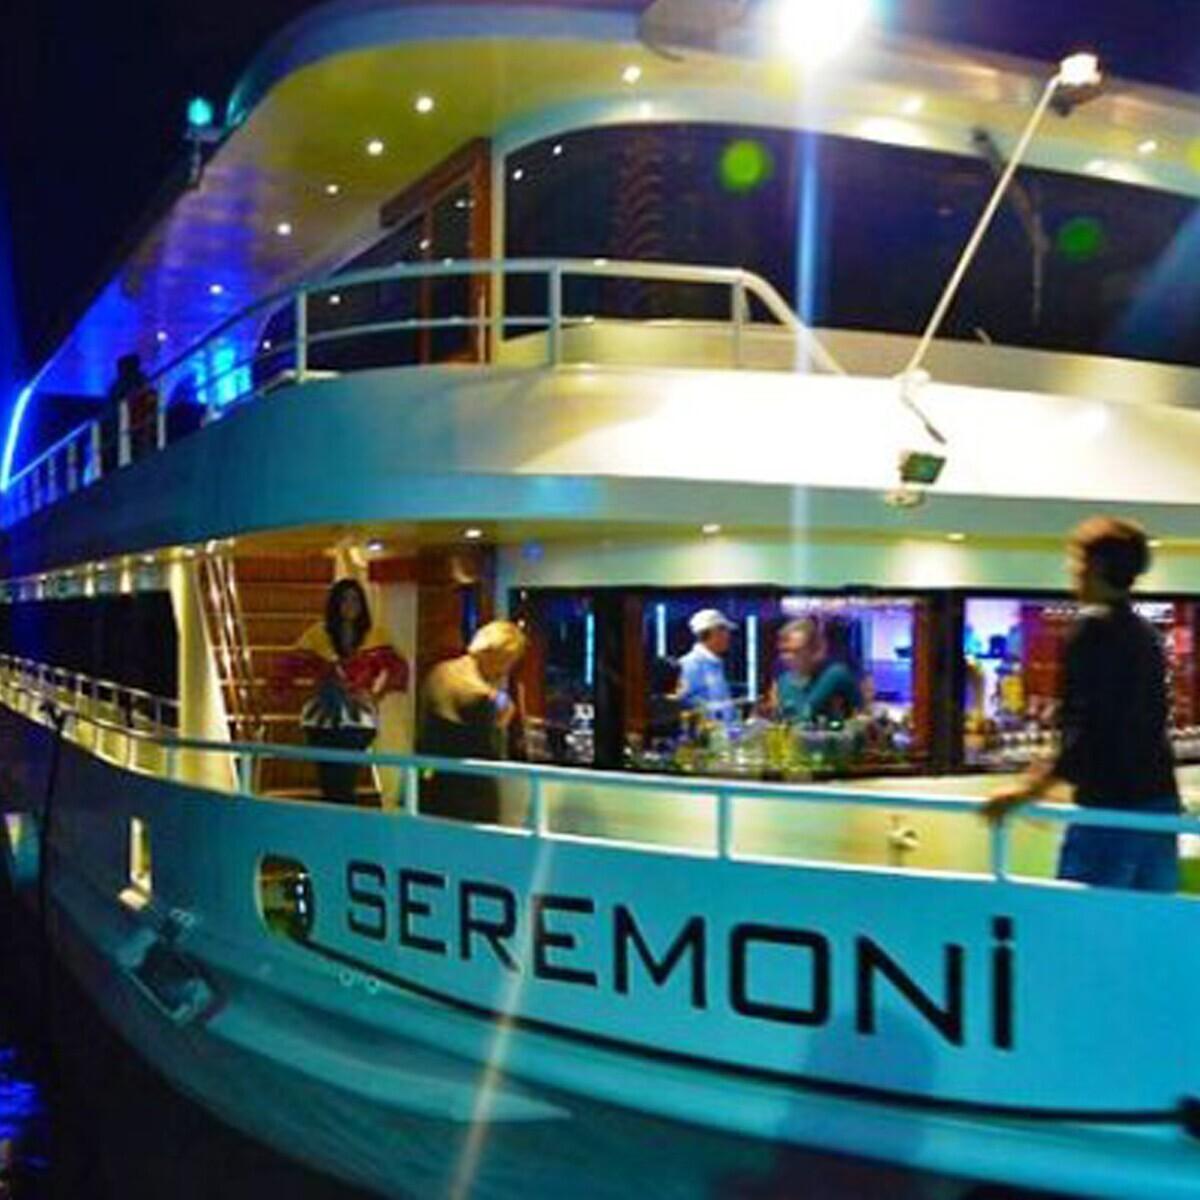 Seremoni Teknesinde Boğazda Leziz Yemekler ve Canlı Müzik İle Eğlence